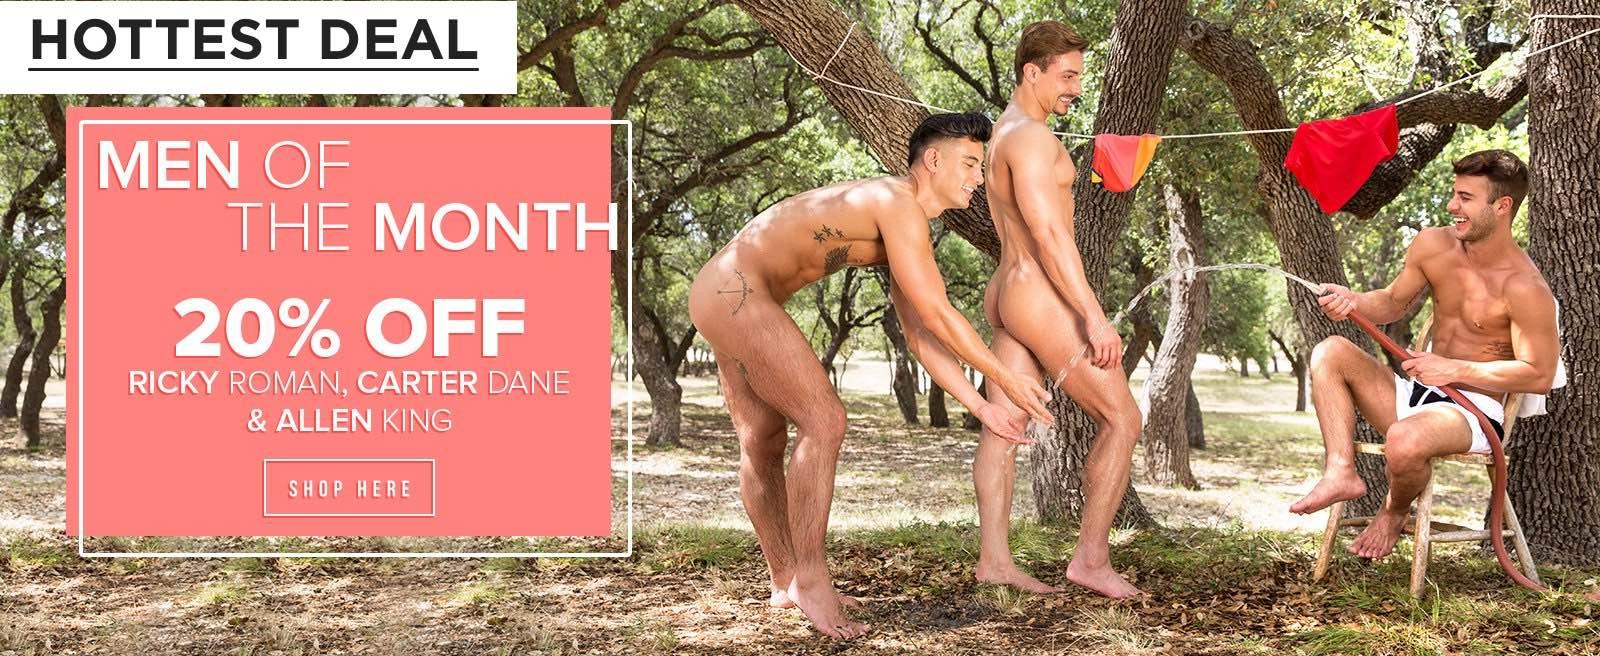 Hot Gay Deals Hottest Deal